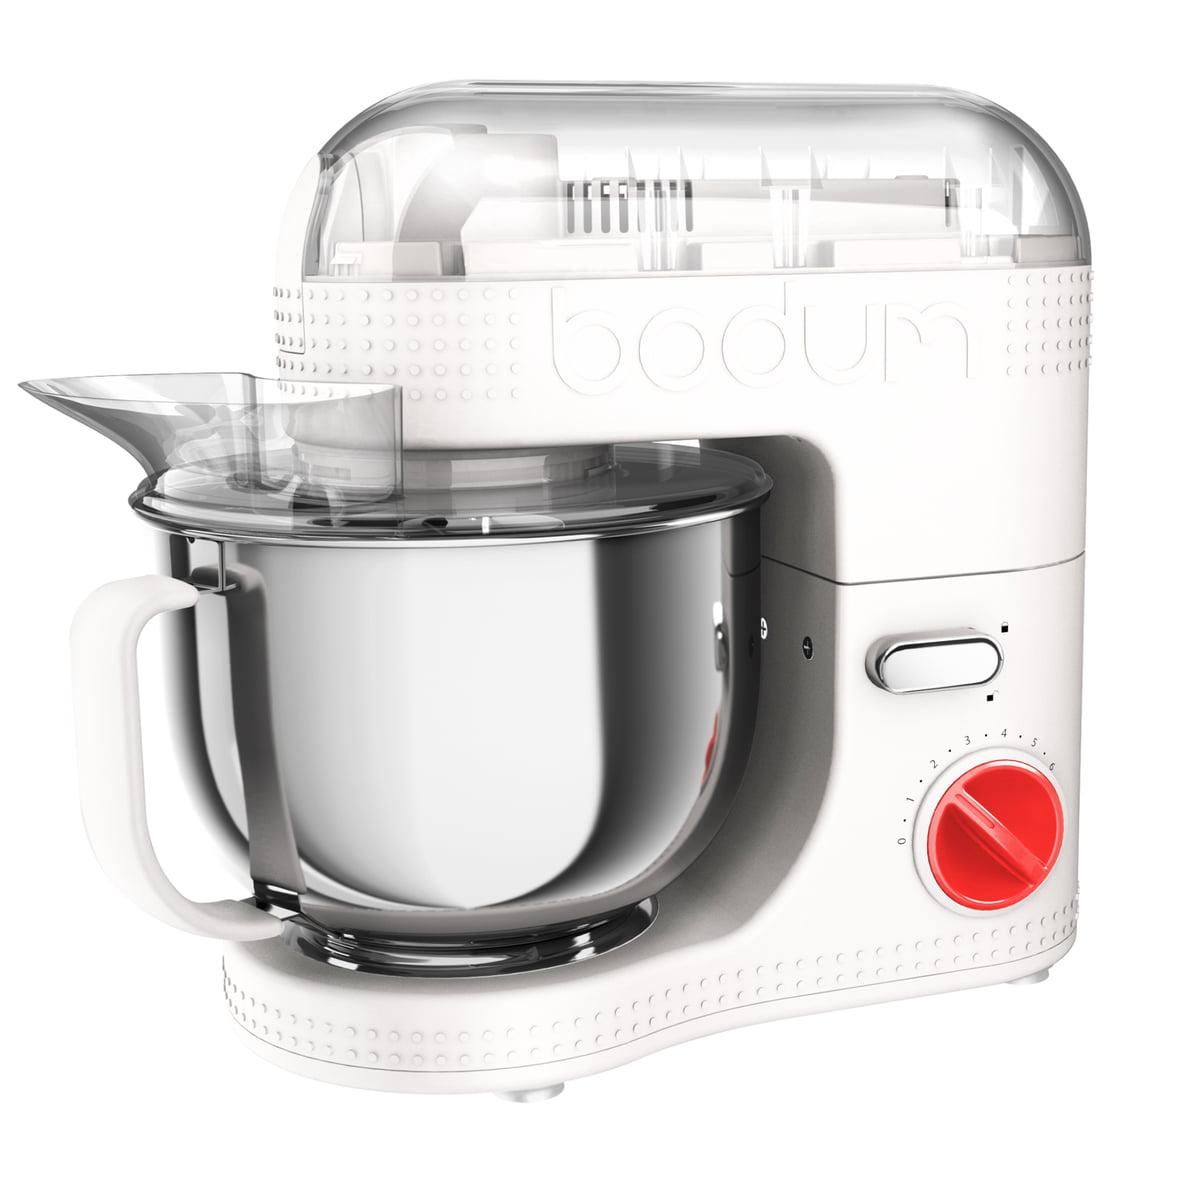 Bodum - Bistro elektrische Küchenmaschine 4,7 l, weiß   Küche und Esszimmer > Küchengeräte > Rührgeräte und Mixer   Weiß   Bodum